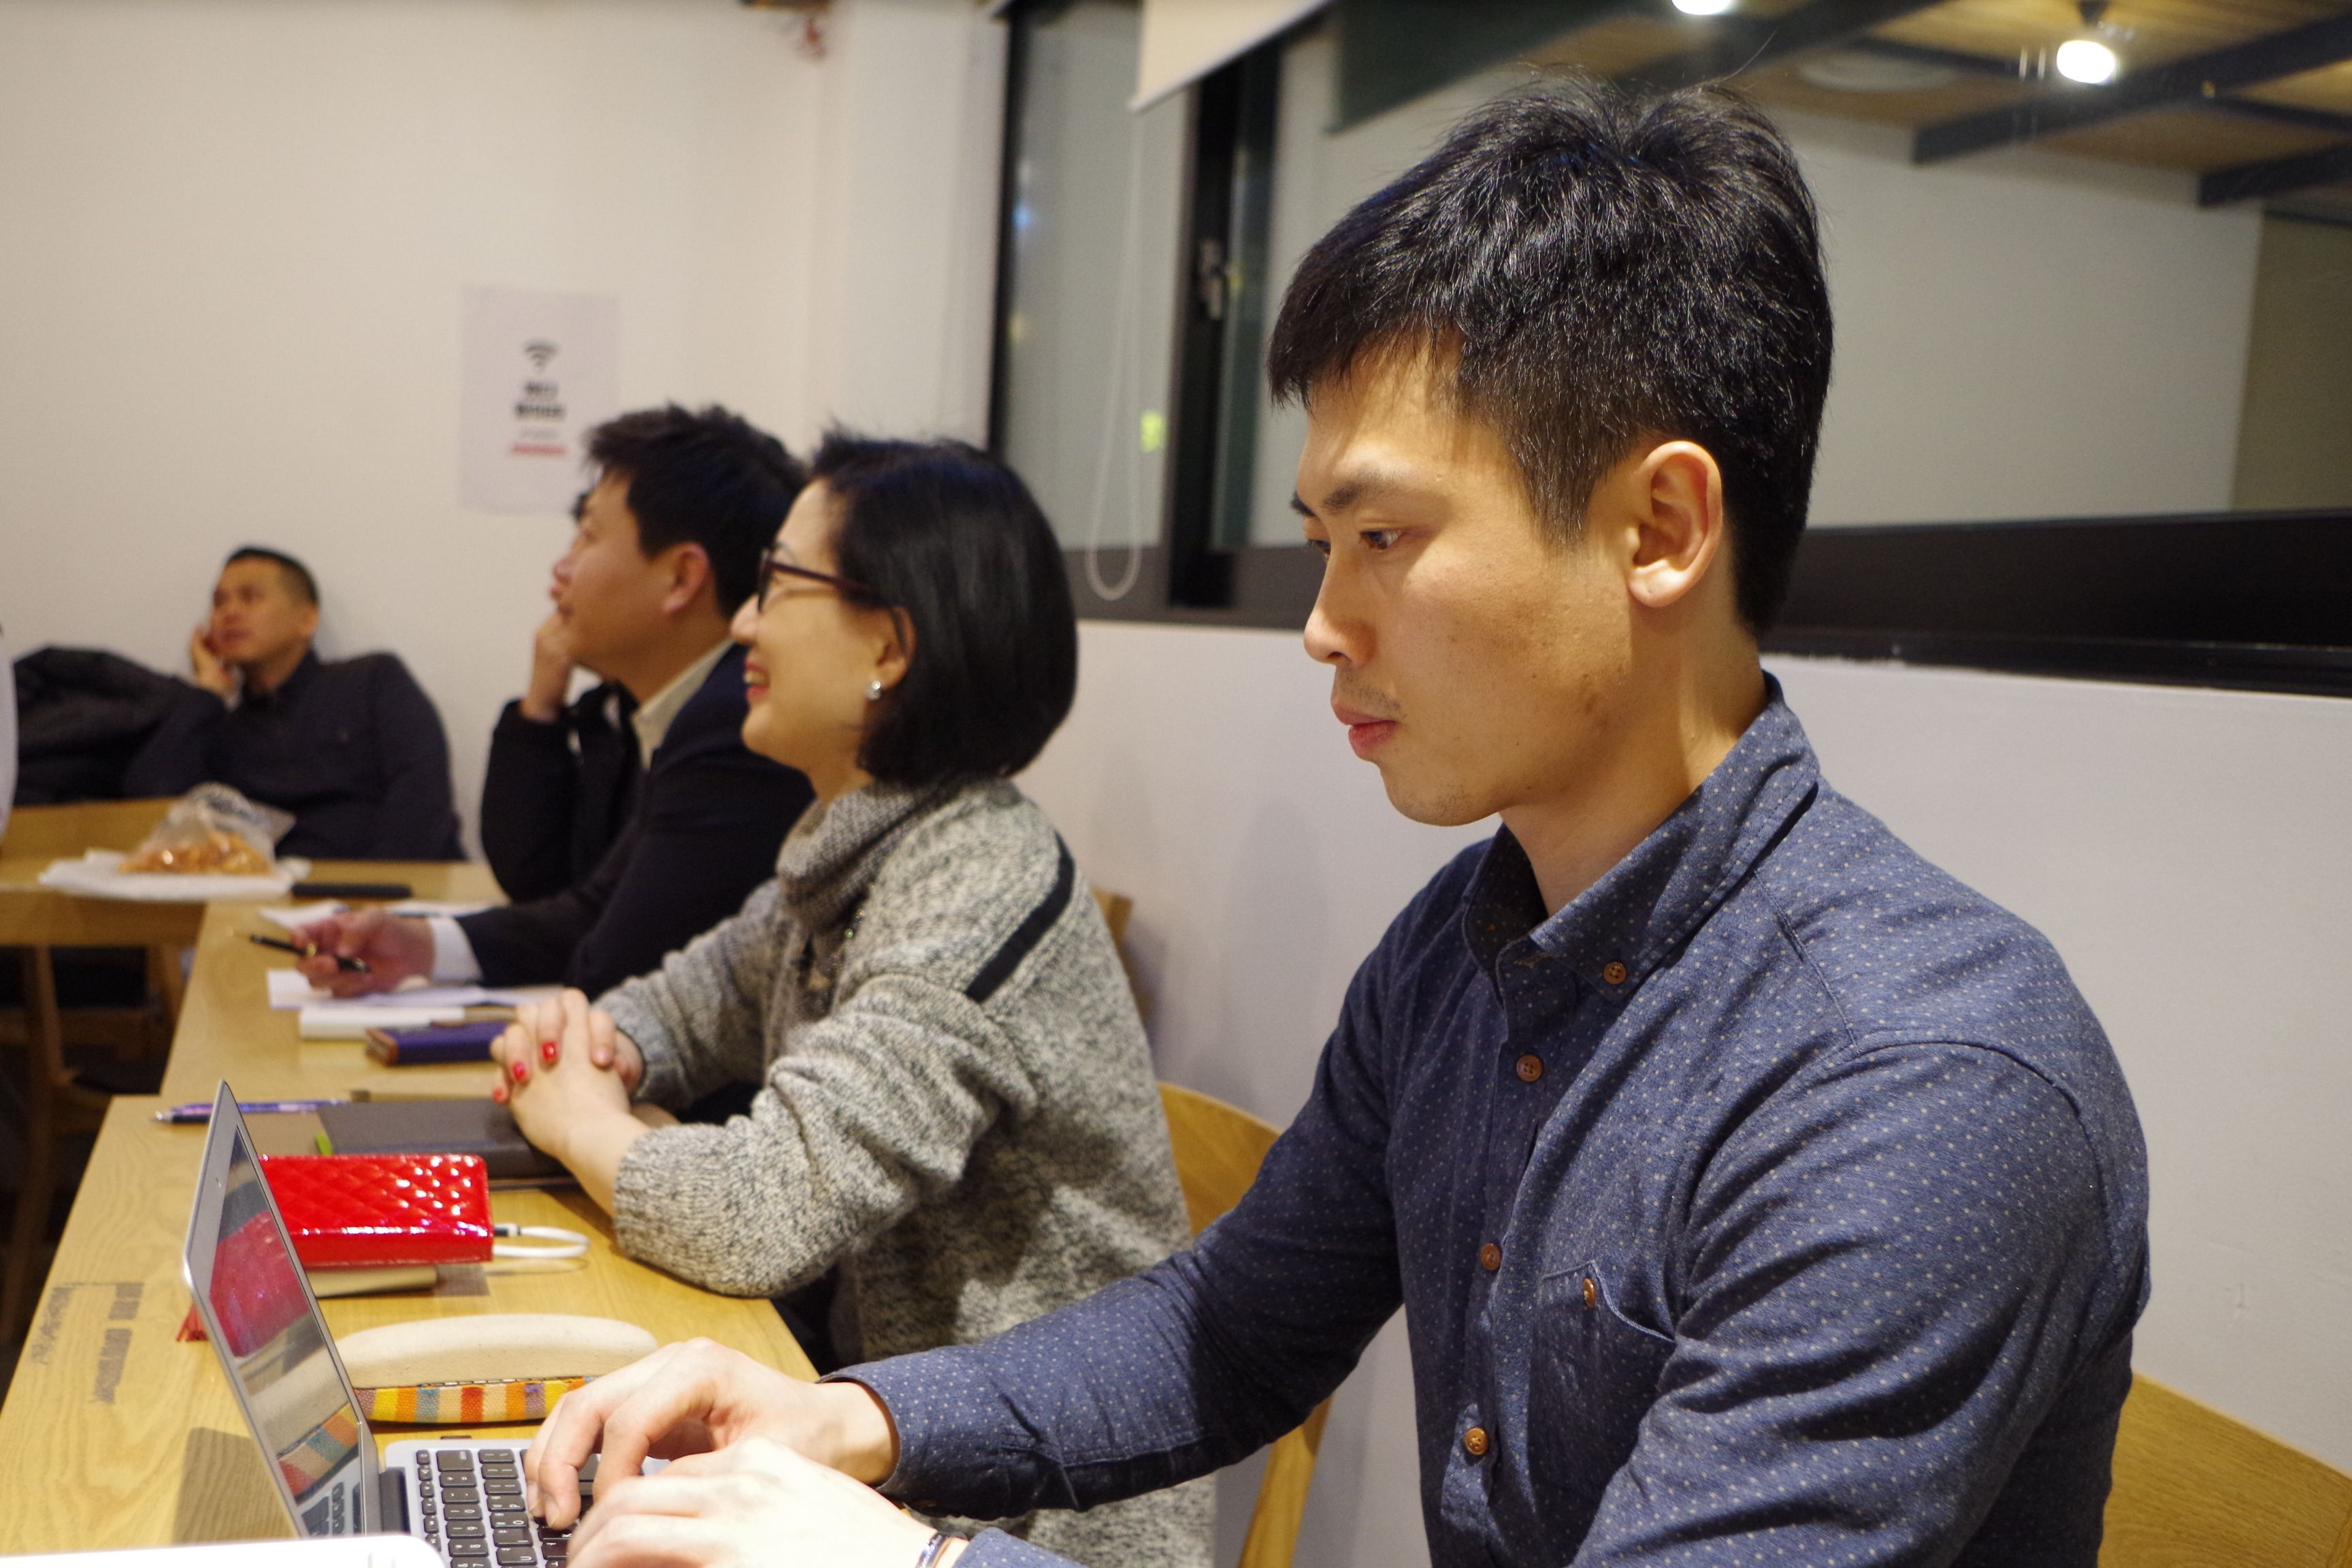 트라이그람스코리아 우고스와 함께 미래를 이끌어 나갈 글로벌 인재를 양성하는 <우고스 PBM 교육> PBM(Platform Business Manager)을 재정의하고 교육 프로세스를 구축하기 위해 퇴근 후 모두 강남으로 모였습니다^^ 어떤 생각들이 공유되고 성과가 나올지 기대되는 시간이였고 좋은 아이디어를 공유하는 시간이였습니다.ㅎ http://trigramskorea.blog.me/220555618908  #우고스   #트라이그람스코리아   #woogos   #PBM   #PBM교육   #플랫폼   #인재양성